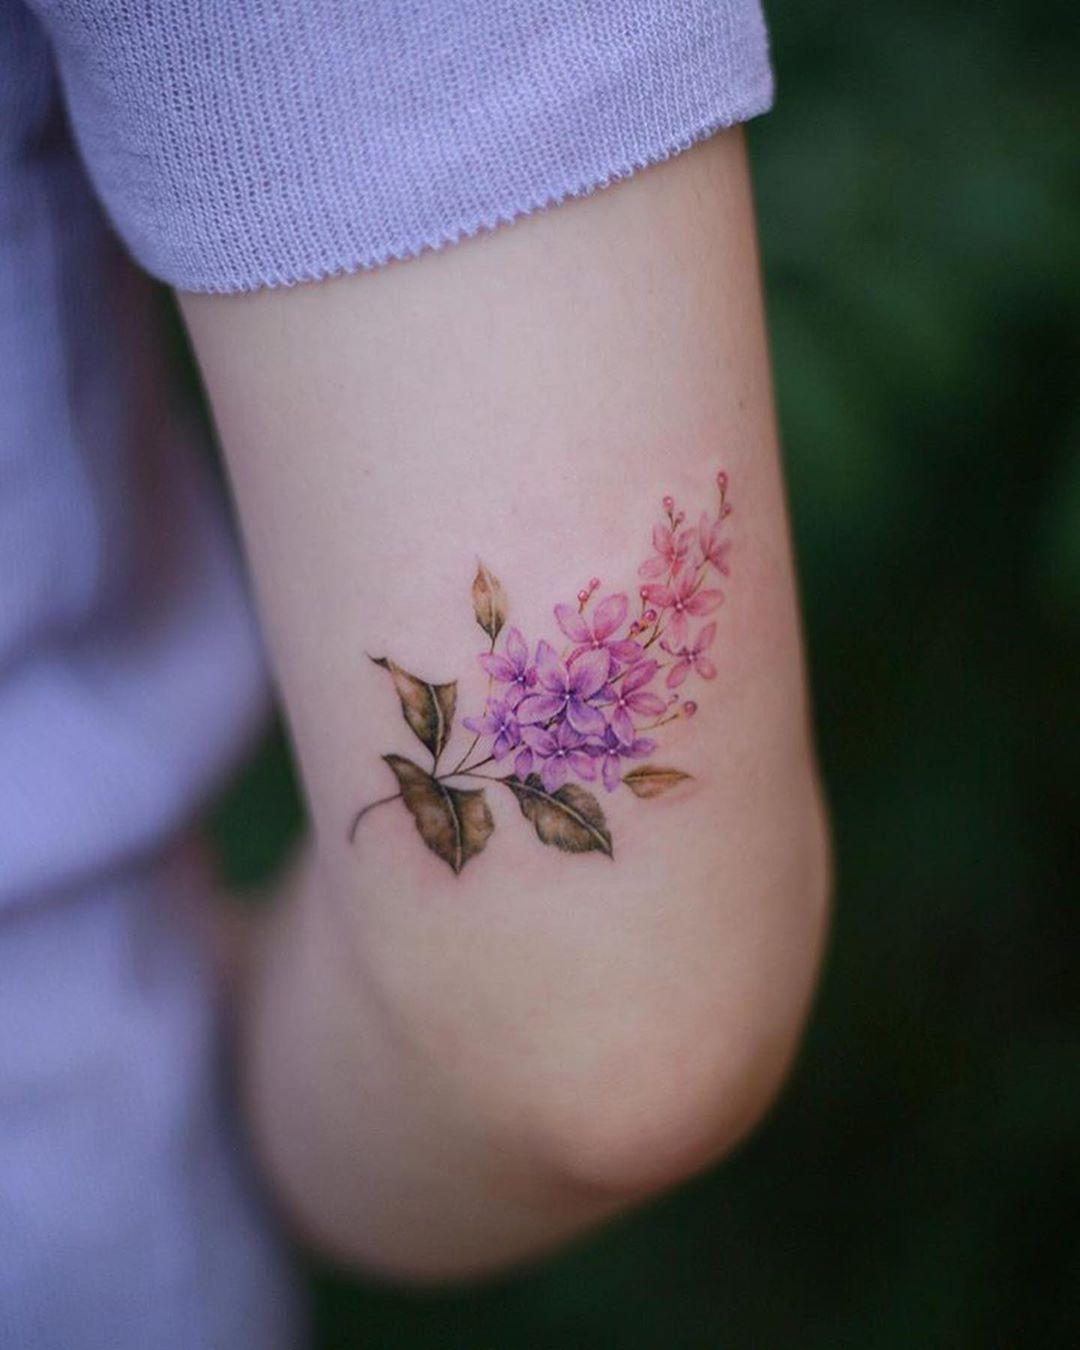 Pin By Christina Volo On Tattoo Lilac Tattoo Tattoos Cool Tattoos